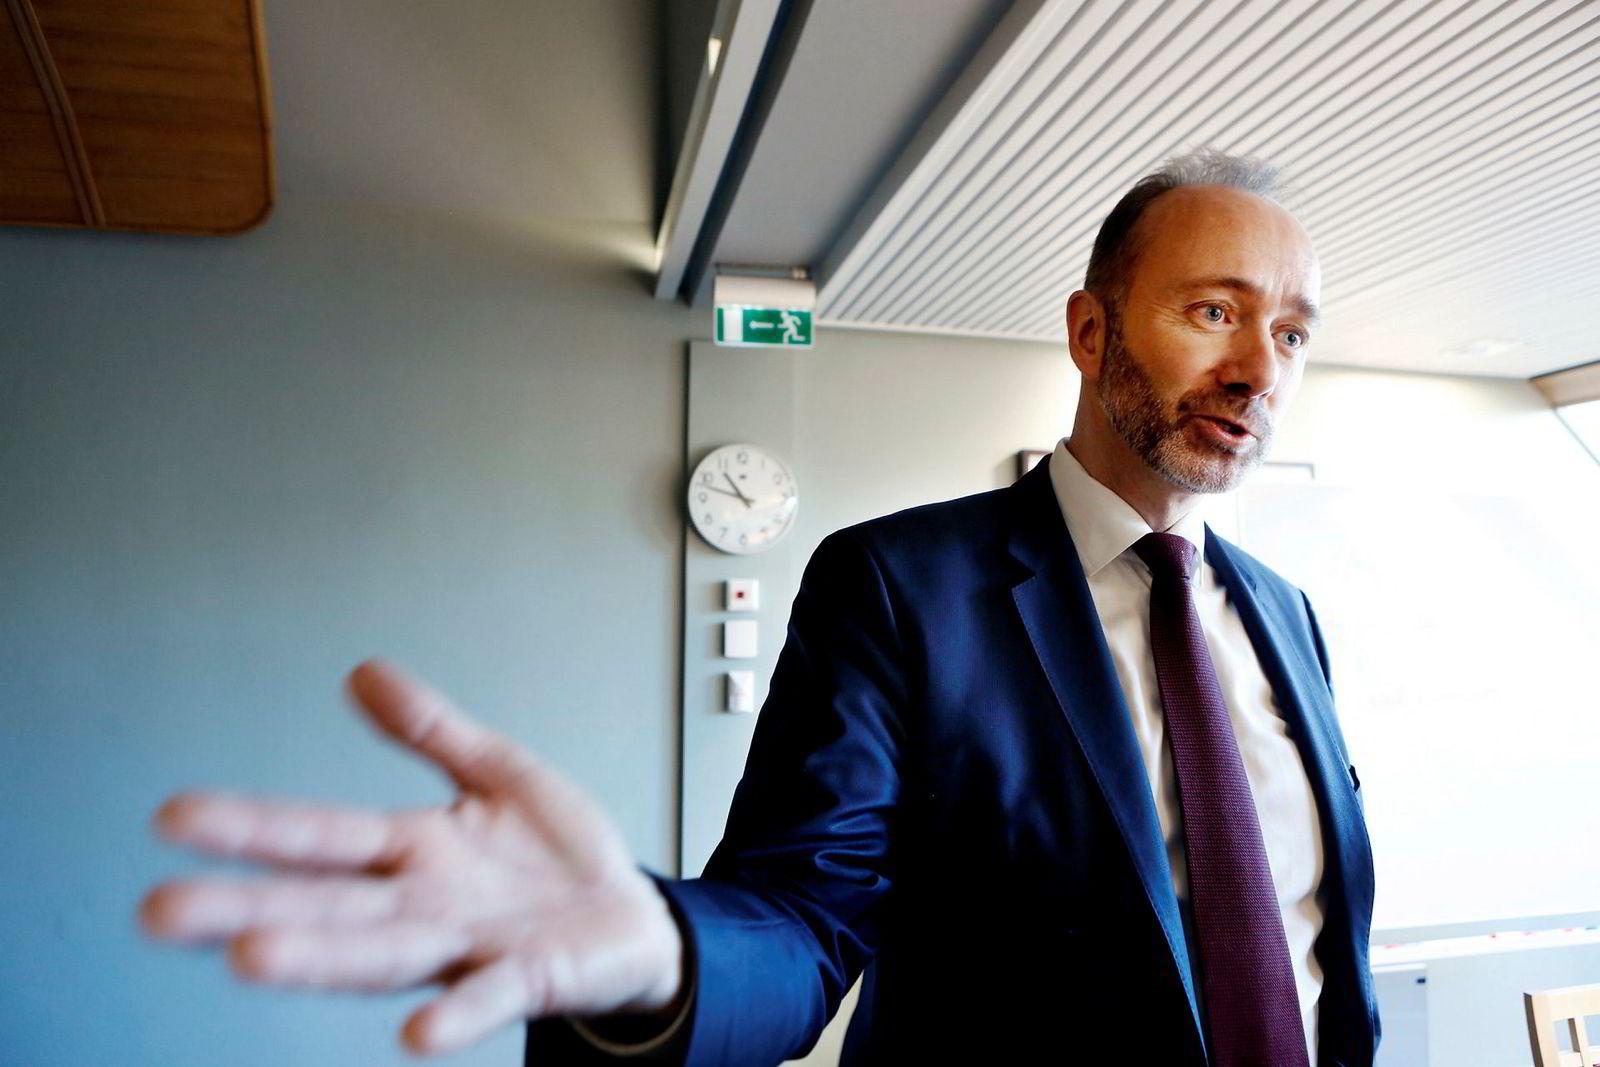 Trond Giske gikk av som nestleder i Arbeiderpartiet søndag etter en rekke varslingssaker om upassende oppførsel mot kvinner i og utenfor partiet.